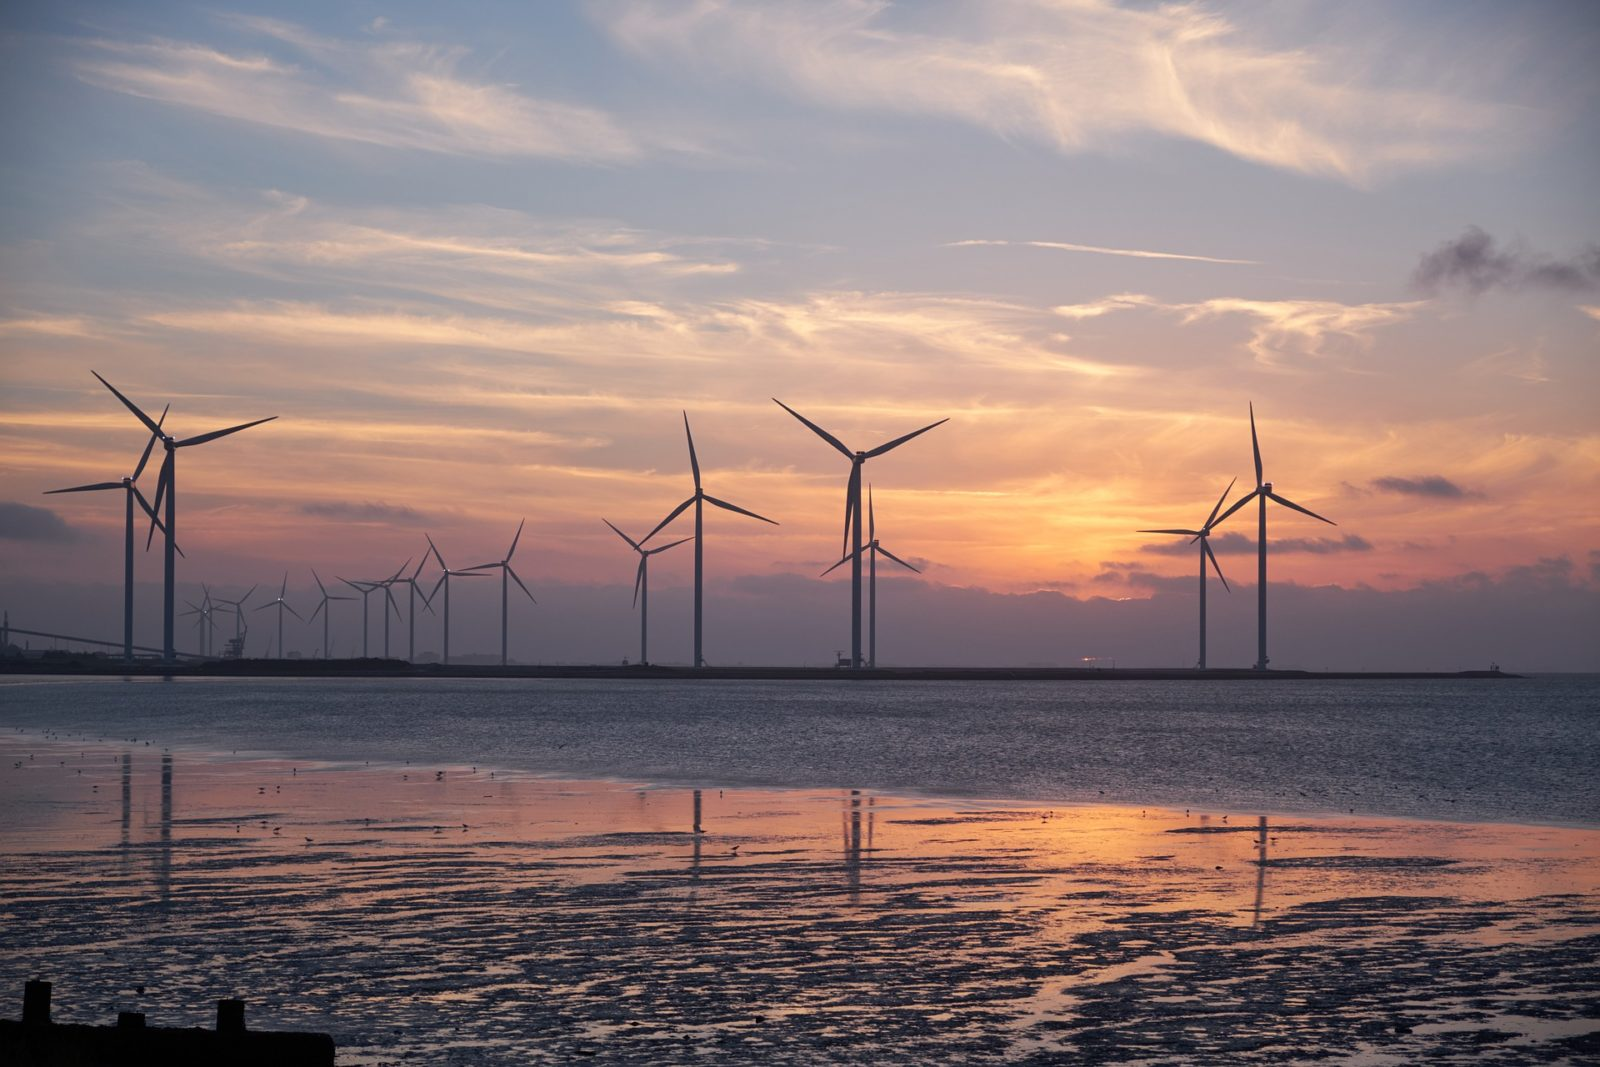 Kosten für Kohle- und Atomstrom 1,5 mal höher als für Ökostrom - Pixabay